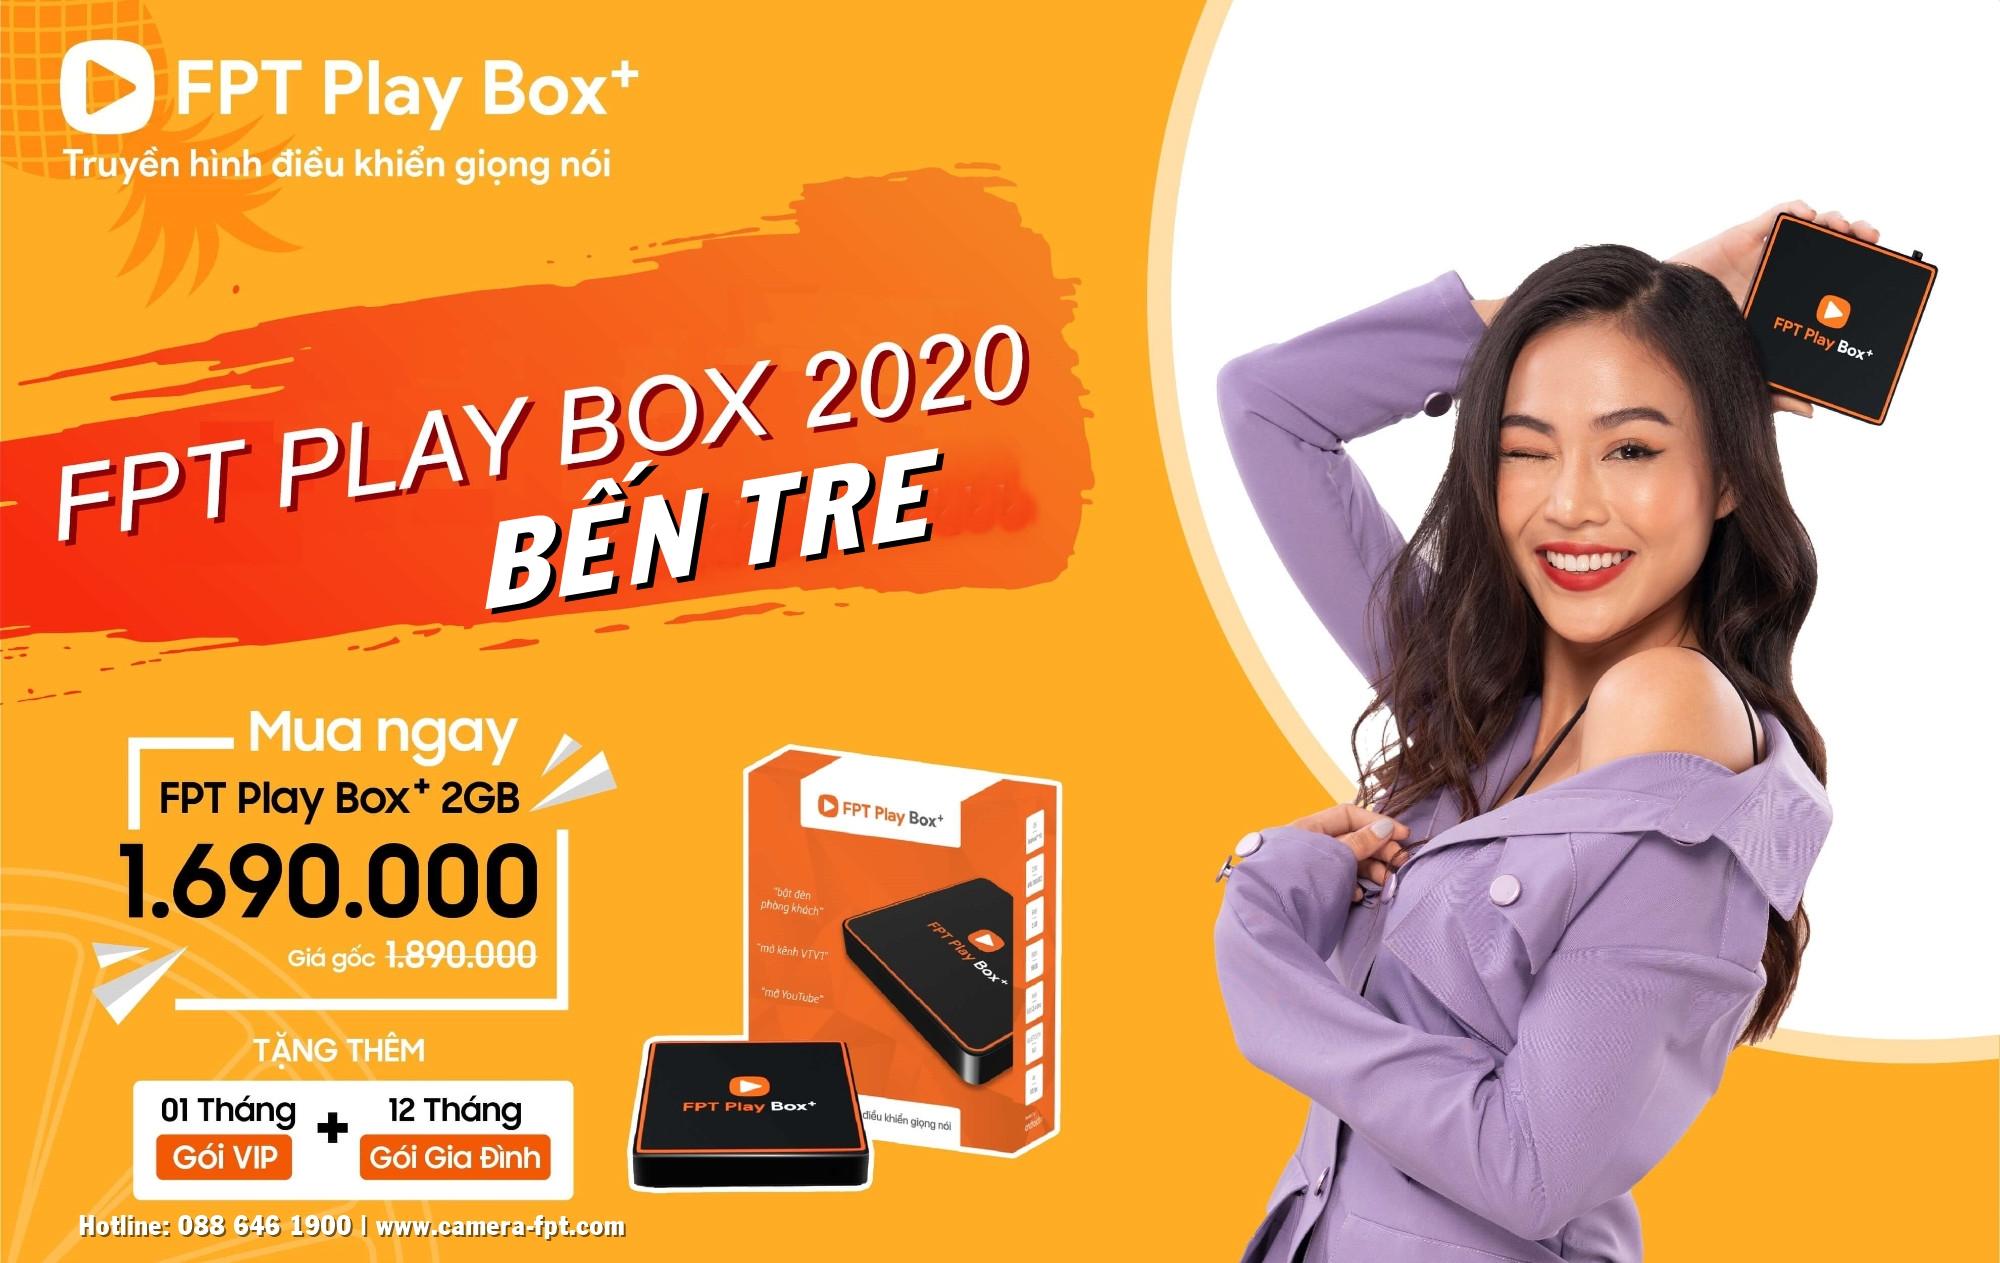 Đặt mua FPT Play BOX+ ở Bến Tre ✓ Tặng gói truyền hình cáp 12 tháng